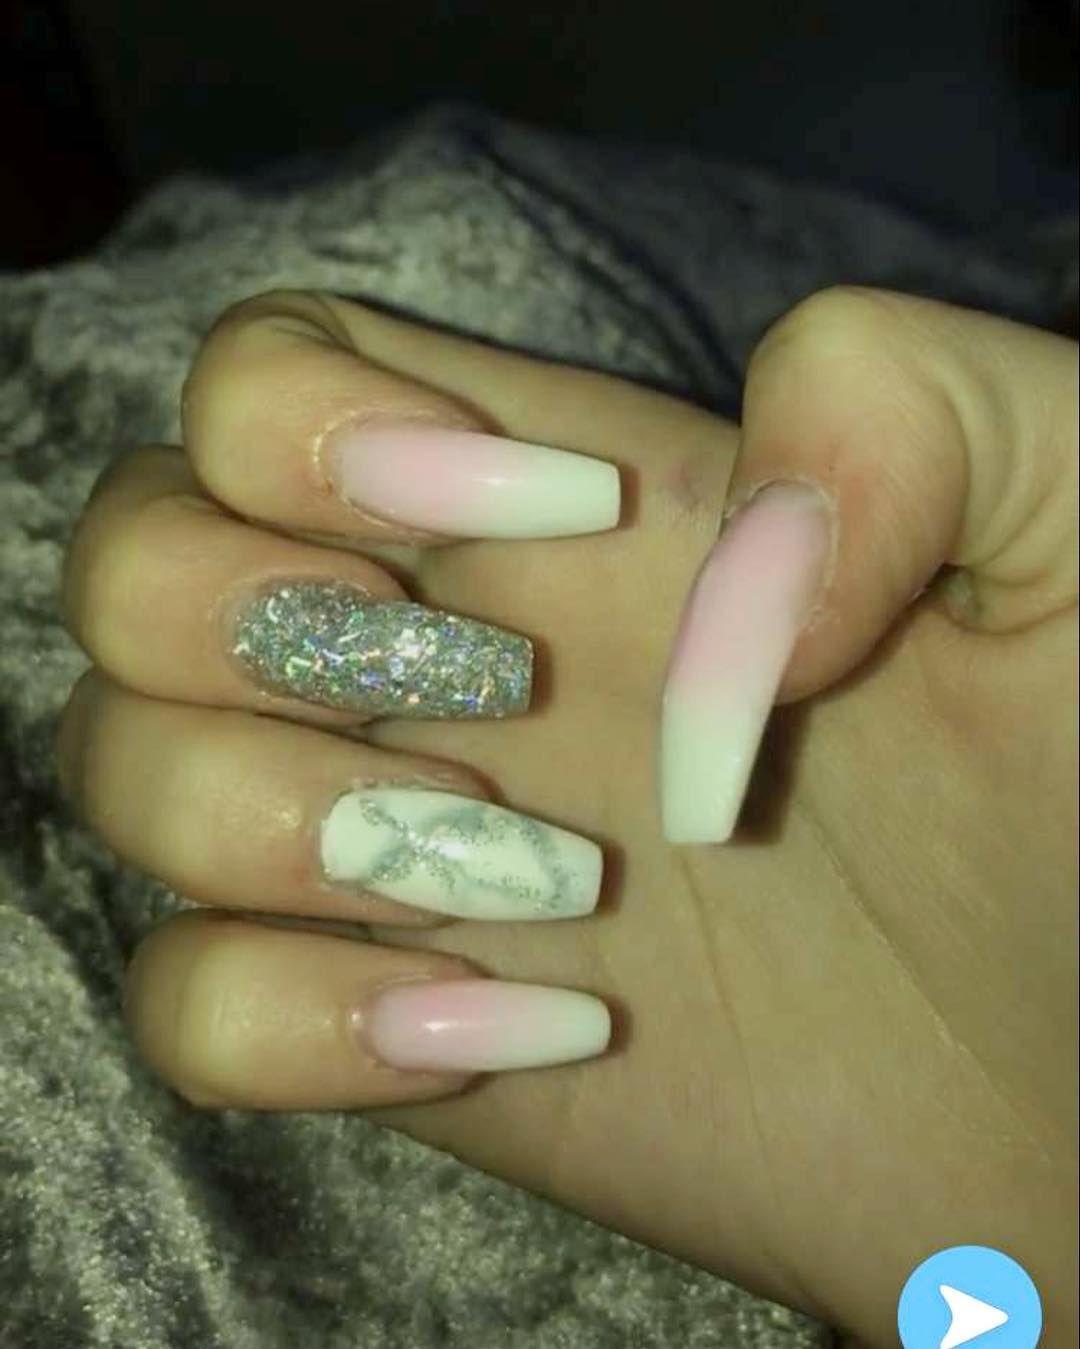 nailextensions #nails #nailpro #nailbar #nailstyle #nailsofinstagram ...